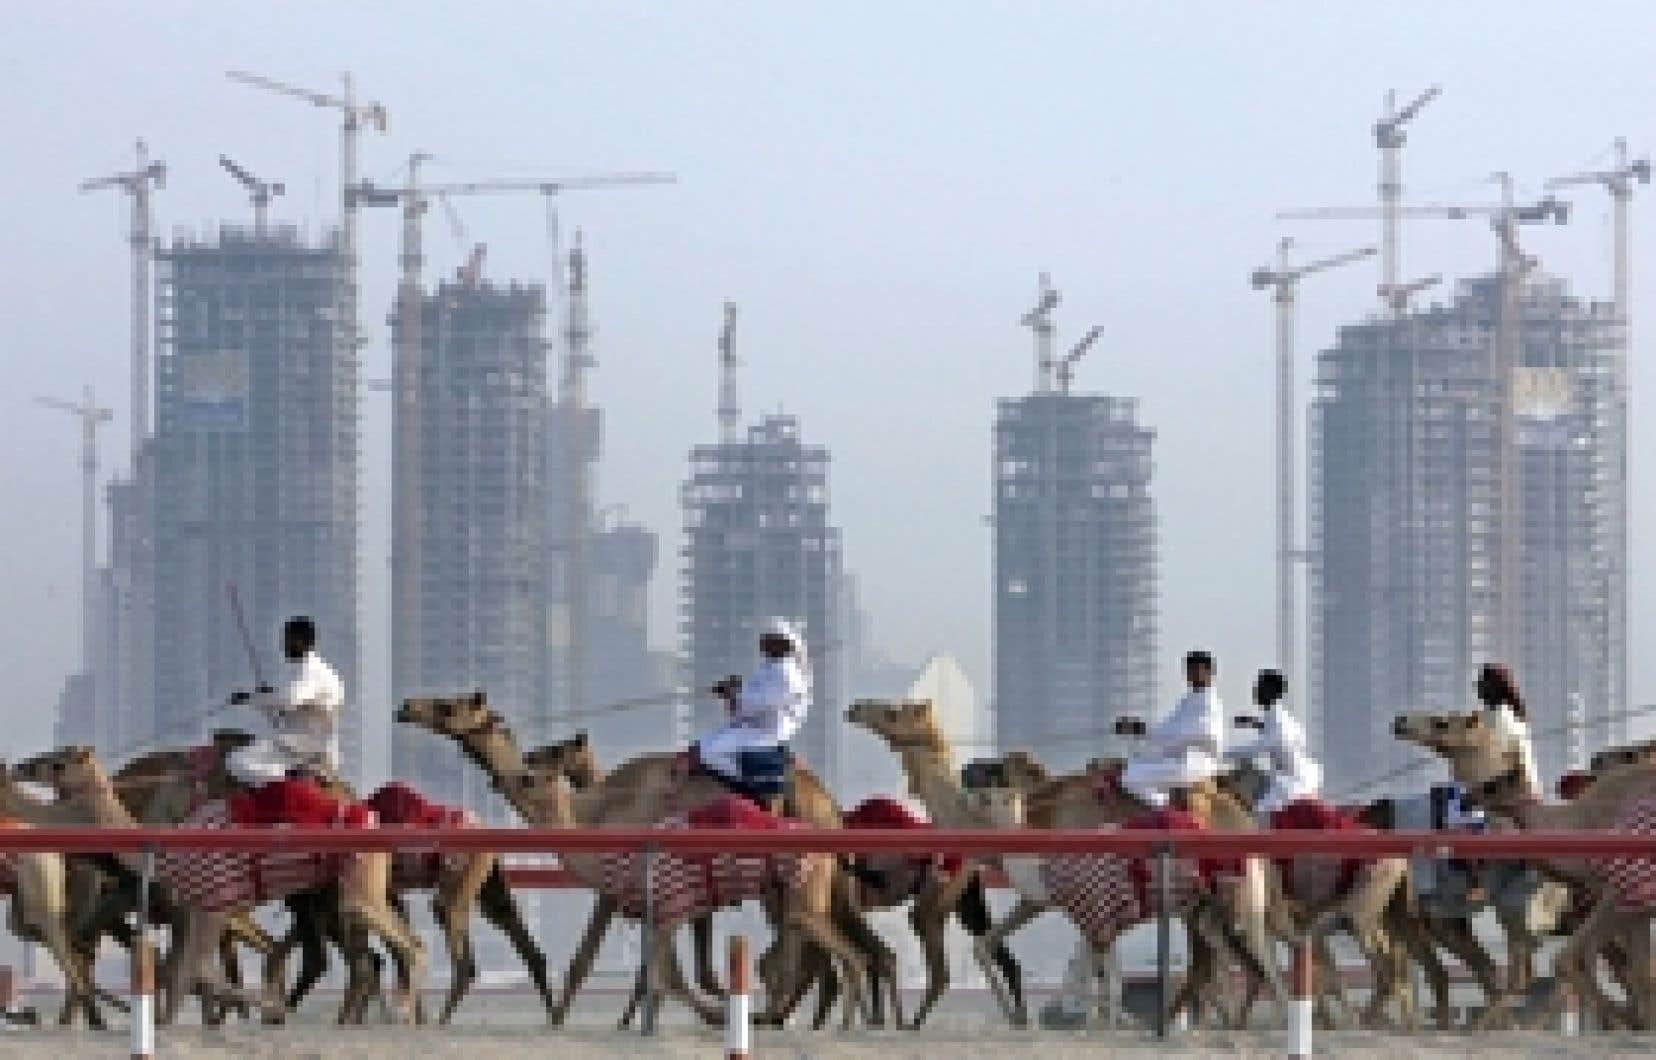 Entraînement de dromadaires de course à Dubaï. Le prix du baril de brut a rempli les coffres des six membres du Conseil de coopération du Golfe (Bahreïn, Koweït, Oman, Qatar, Arabie saoudite, Émirats arabes unis), qui fournissent le quart de la de